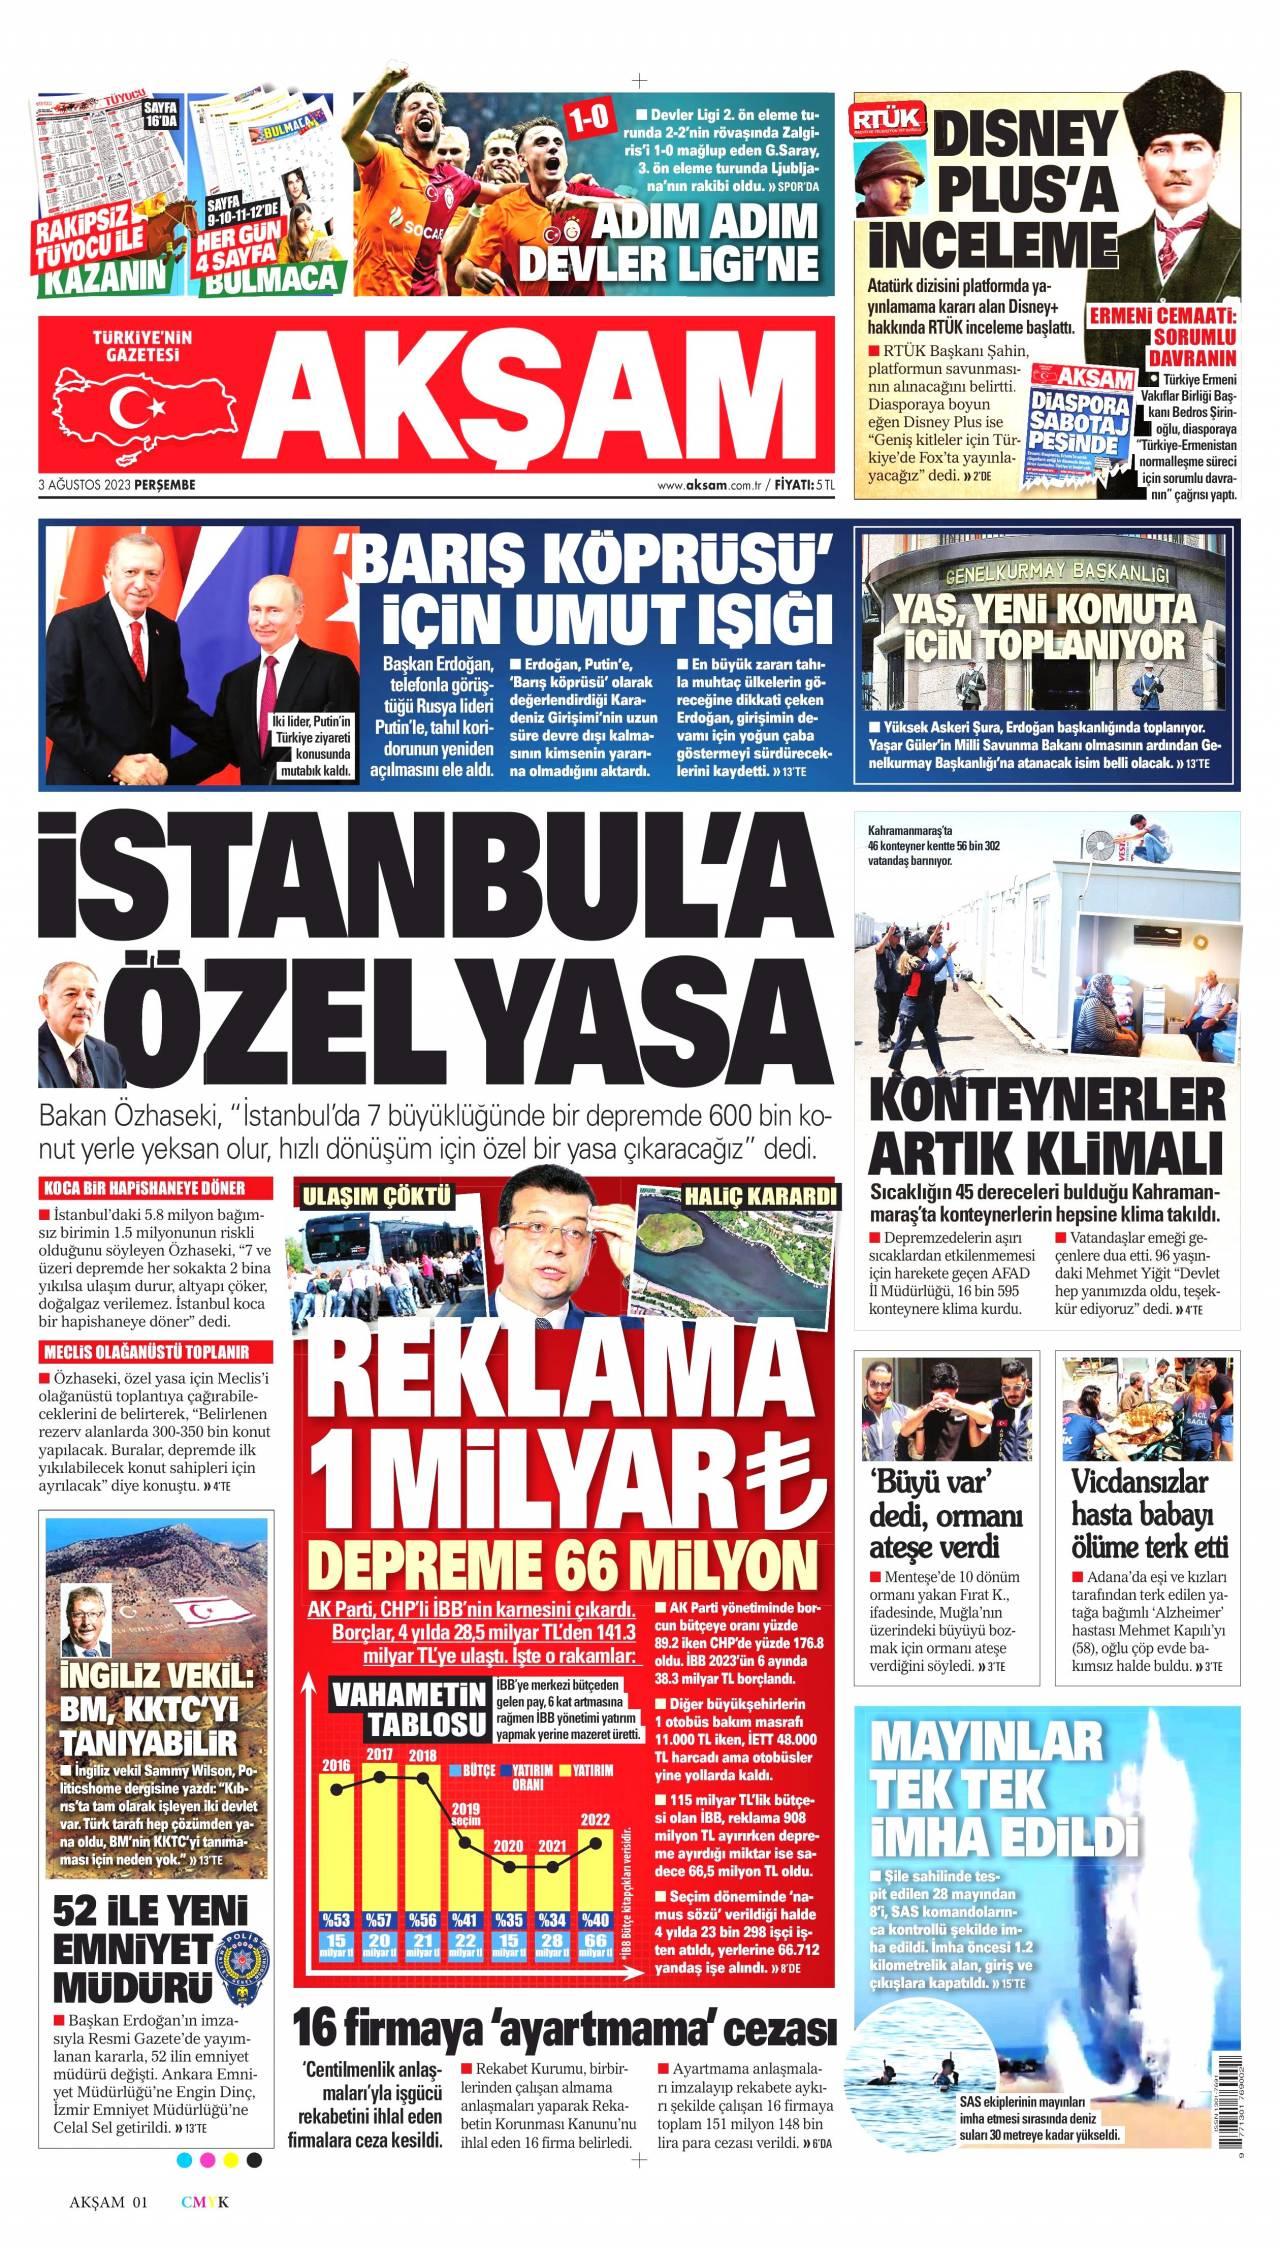 20 Temmuz 2019, Cumartesi aksam Gazetesi